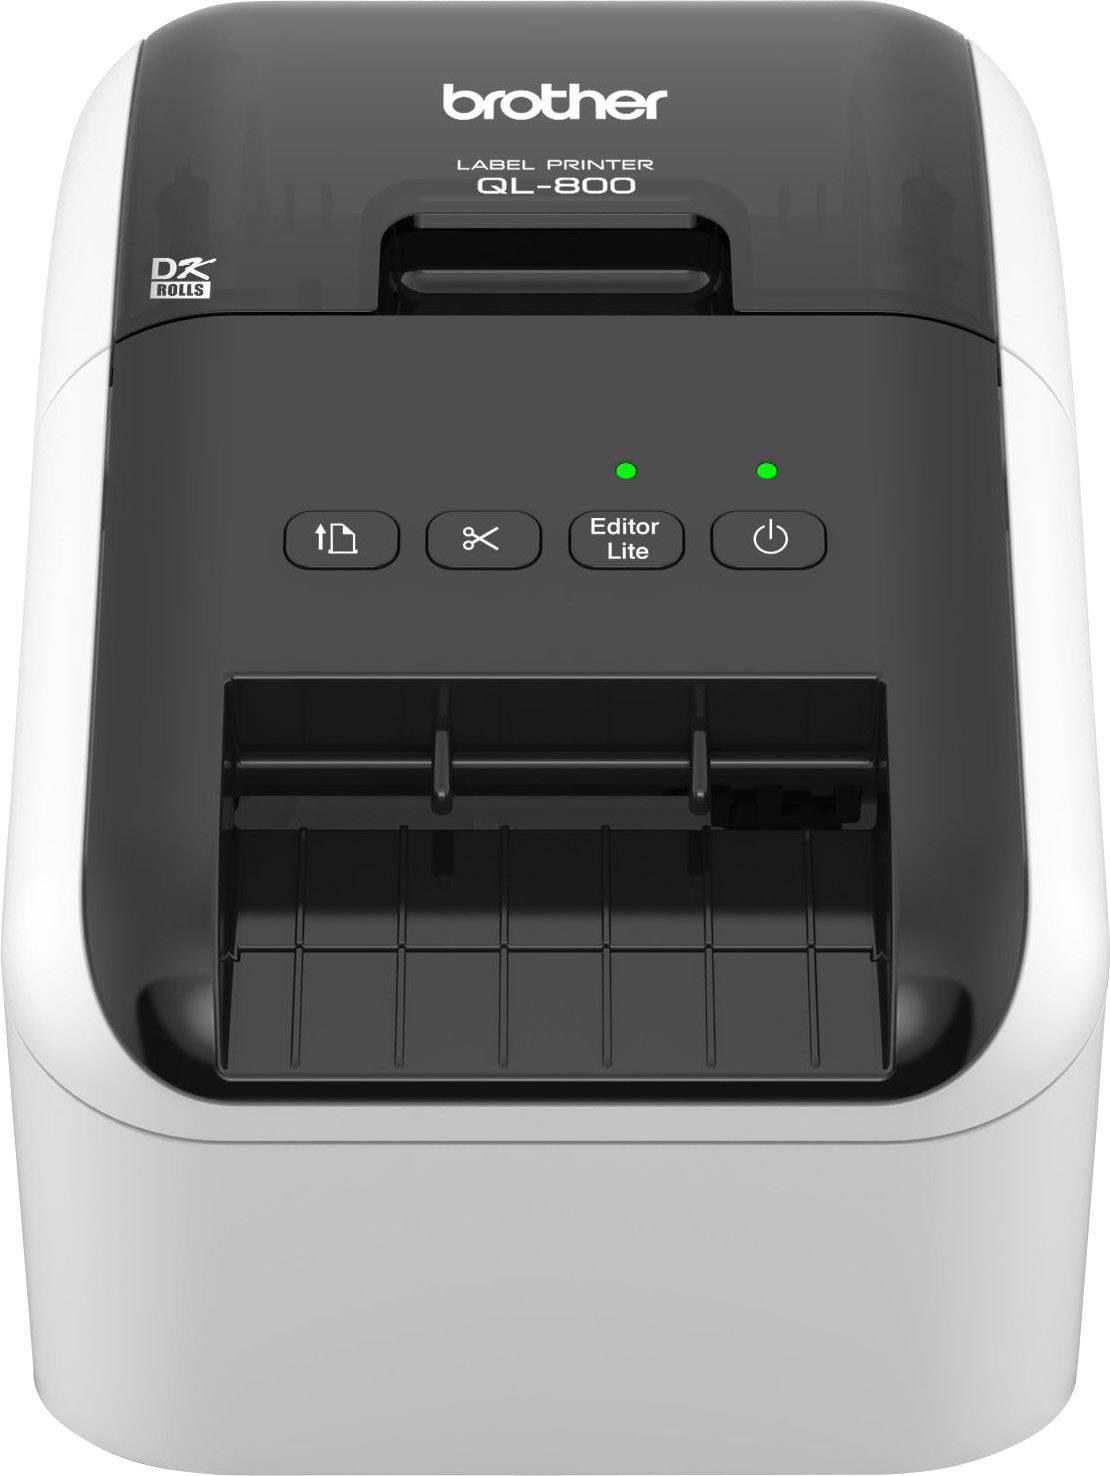 5x Alternative Etiketten Rollen für Brother DK11219 Label Office Plus Serie